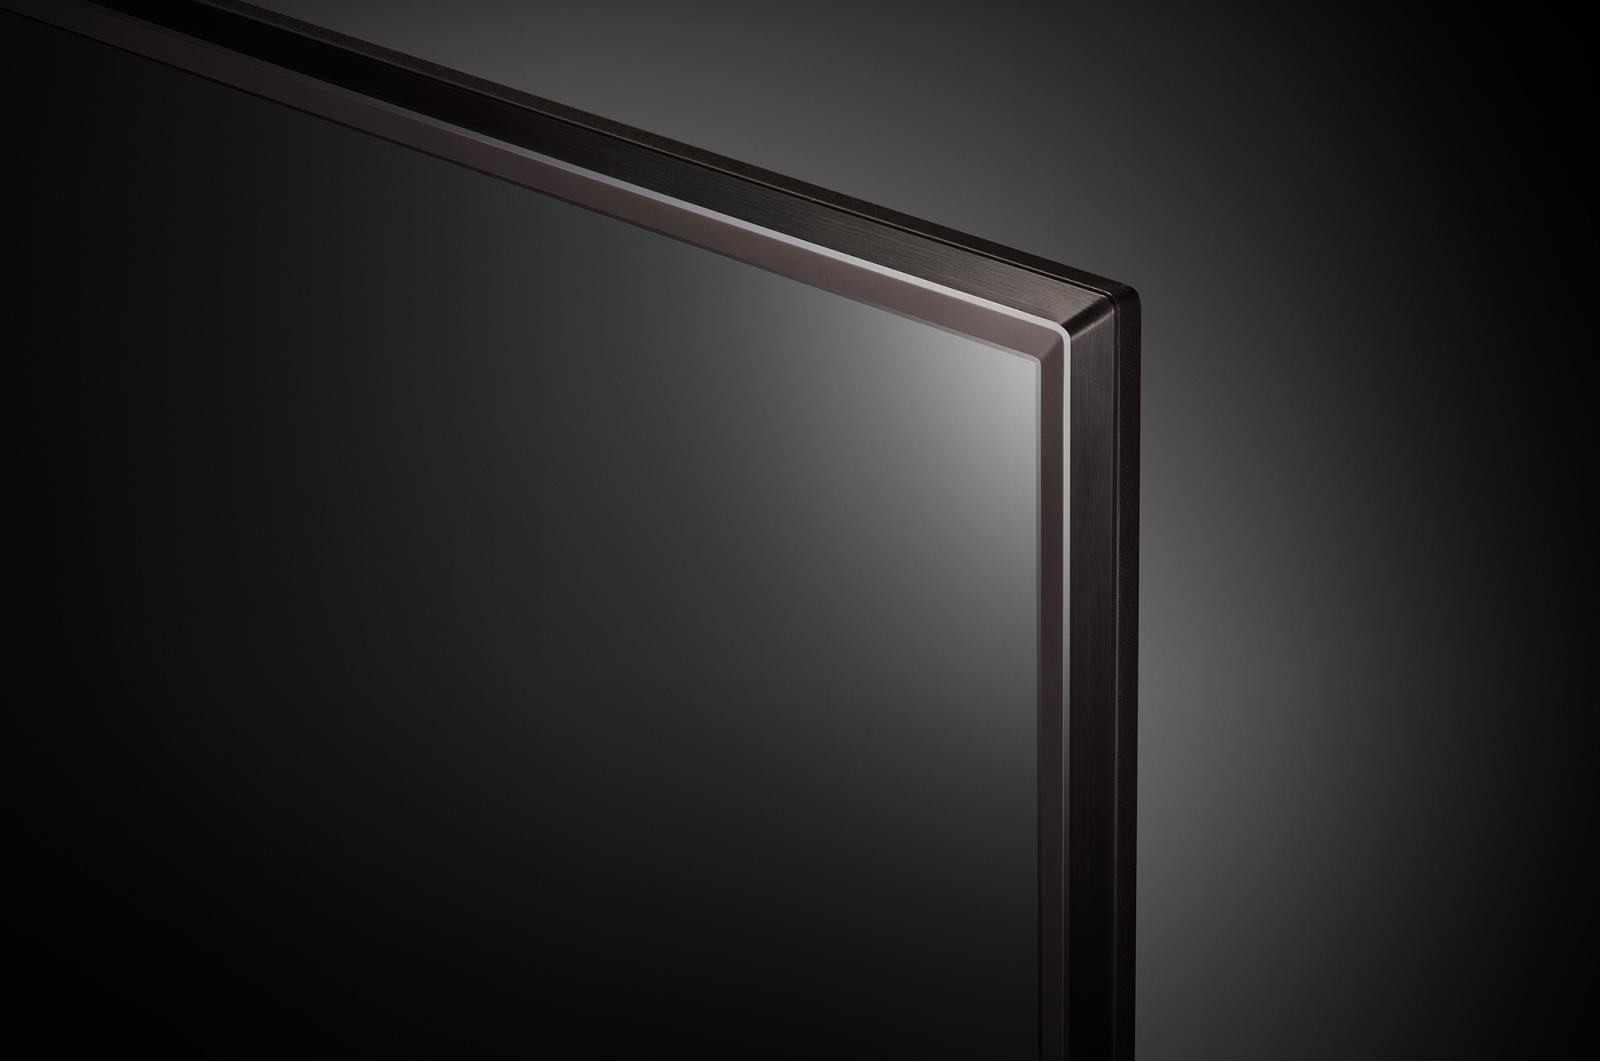 Aquí vemos los detalles de acabado de los marcos del LG 55UK6400